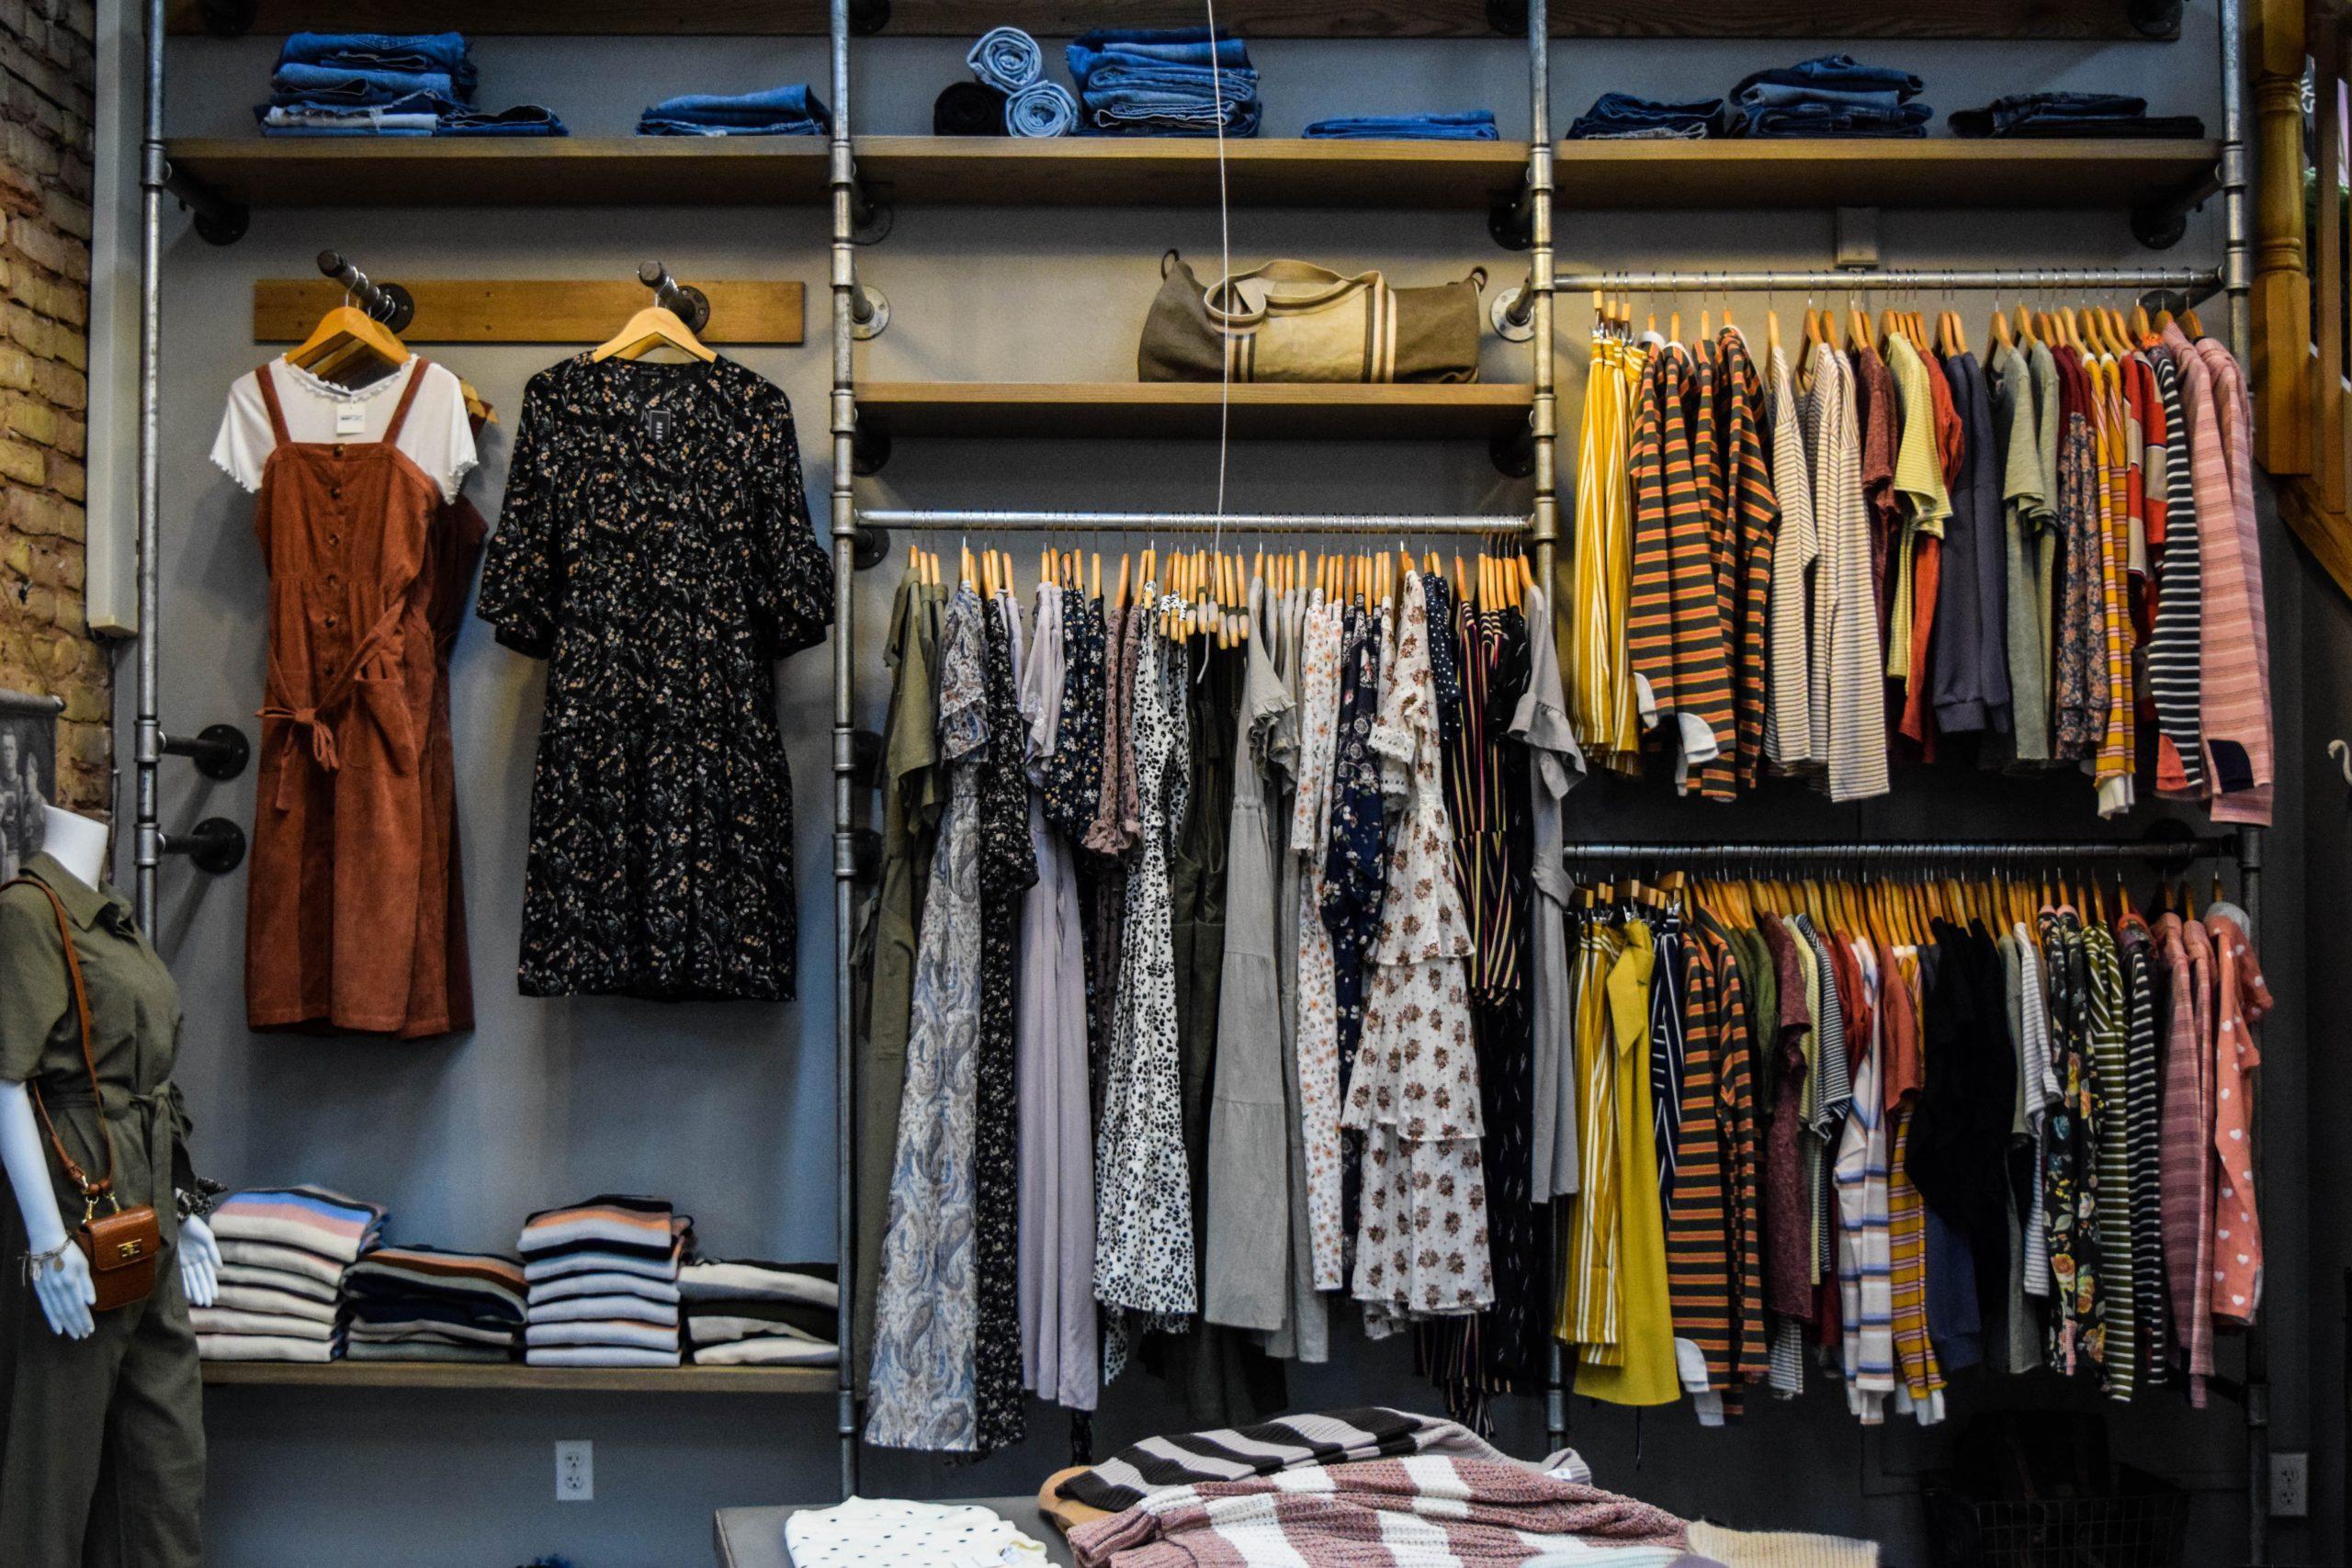 遺品整理で困る大量の衣類の対策方法はコレ!【5つの事例で丁寧に解説】